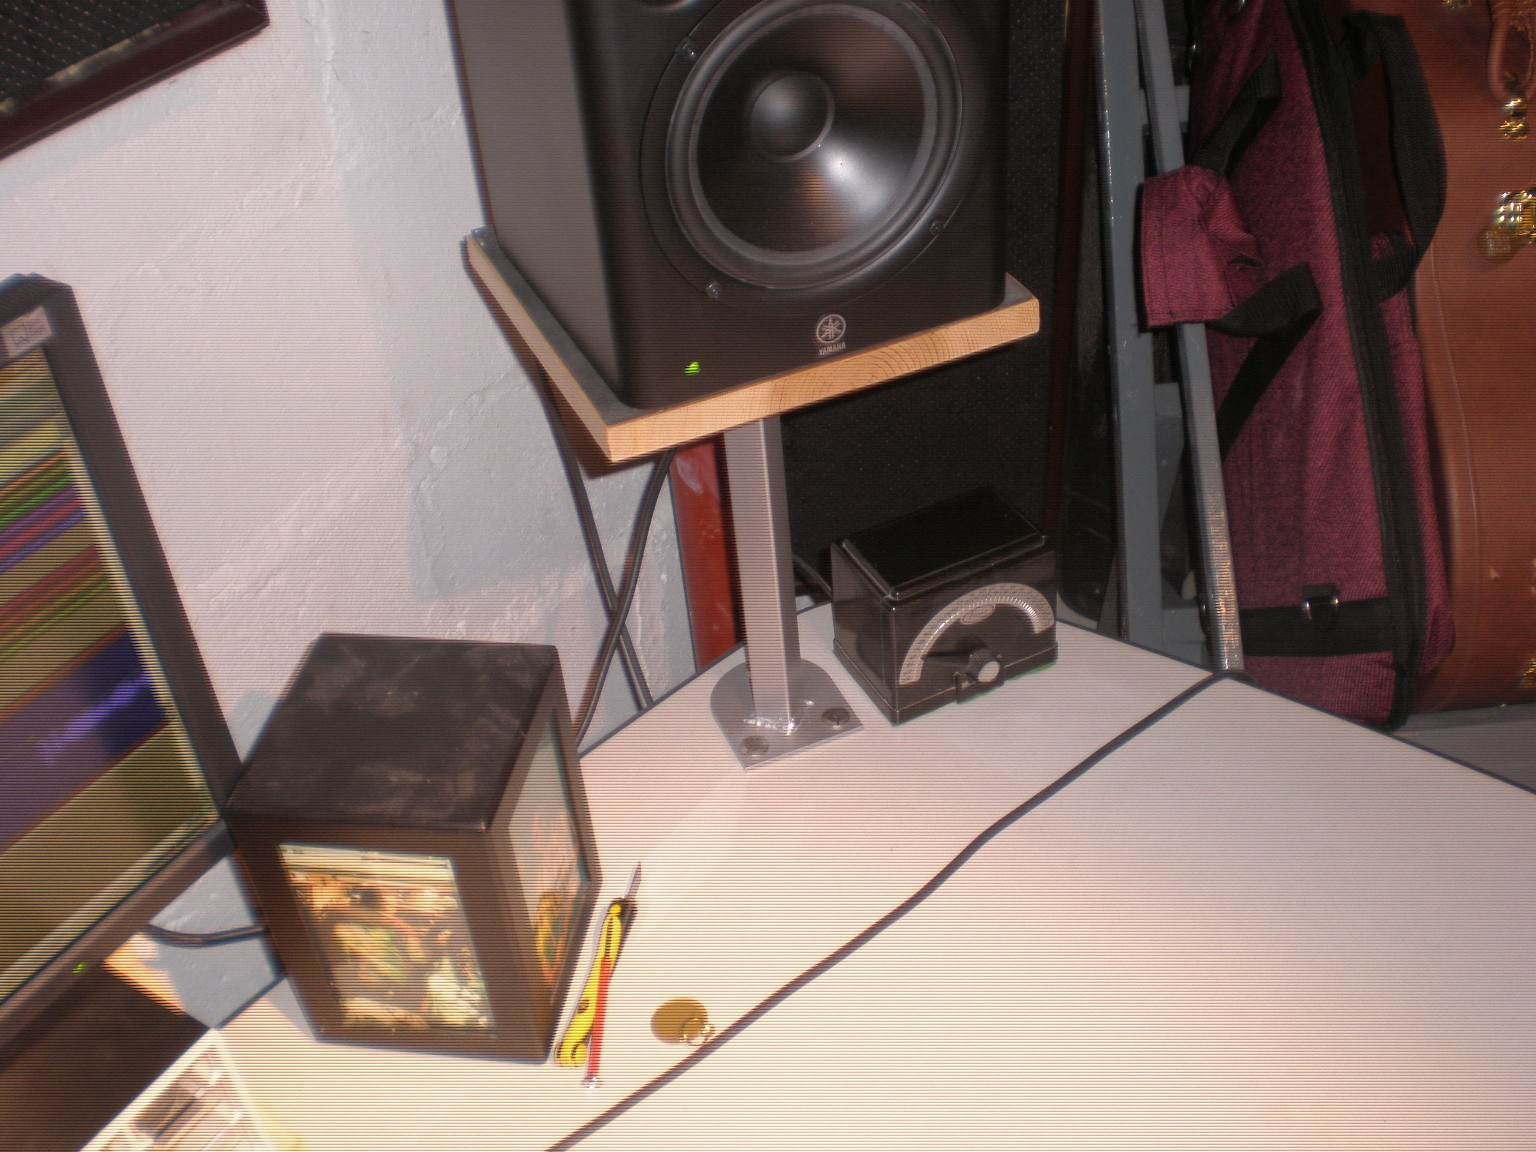 Studio Monitor Stands For Desk Studio Monitor Stand/desk